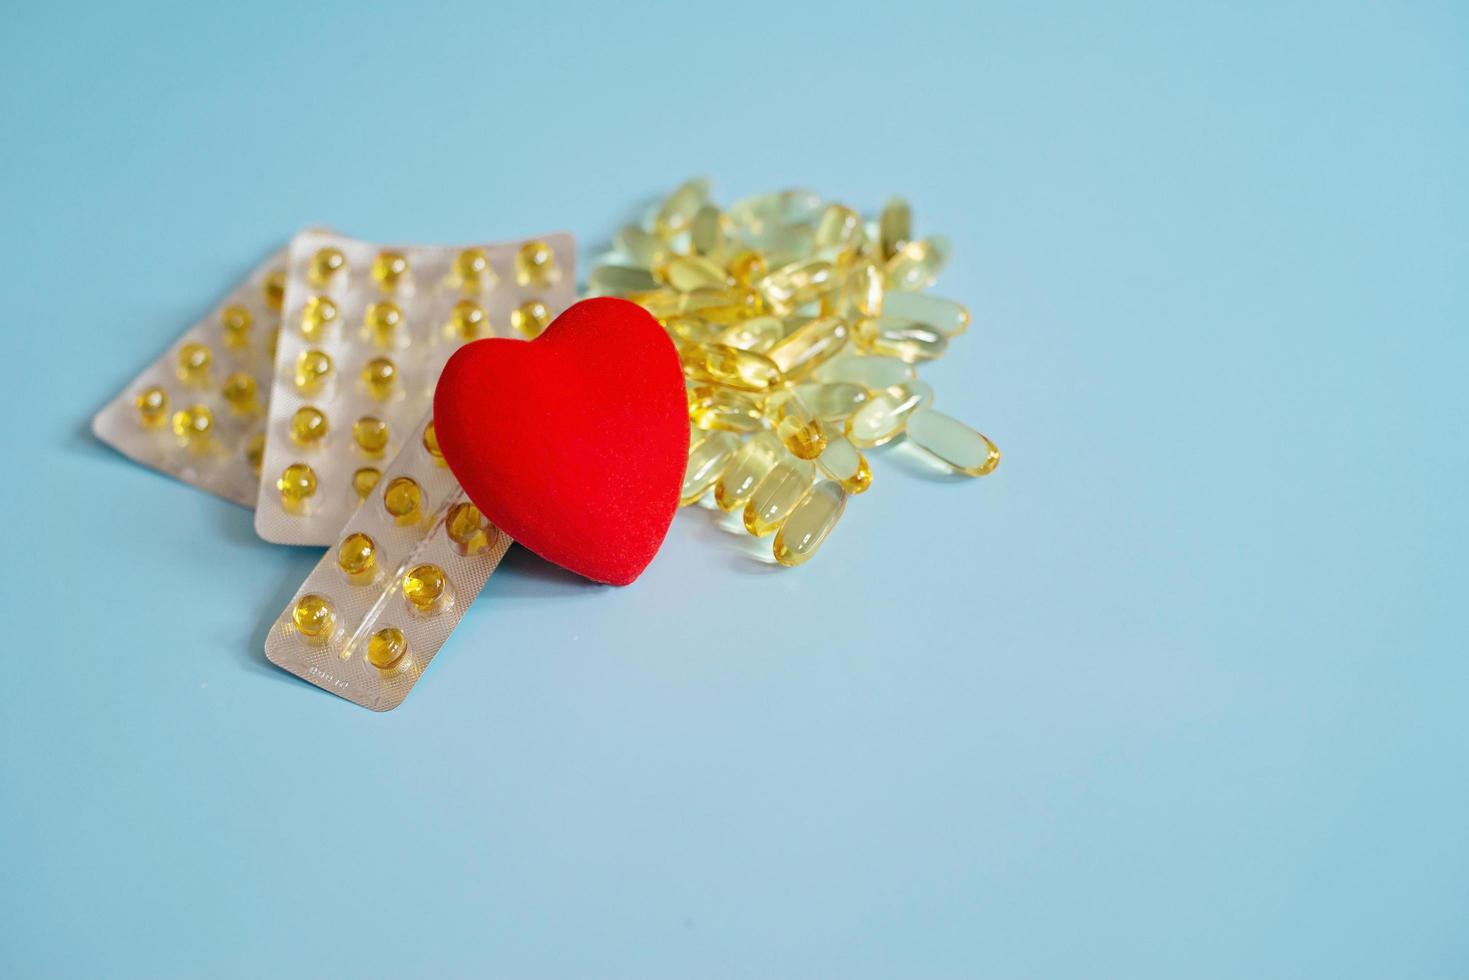 Omega-3-Kapseln mit rotem Herzen. Fischöl in Tabletten. Gesundheitsförderung und Herzbehandlung. die Medizin. foto